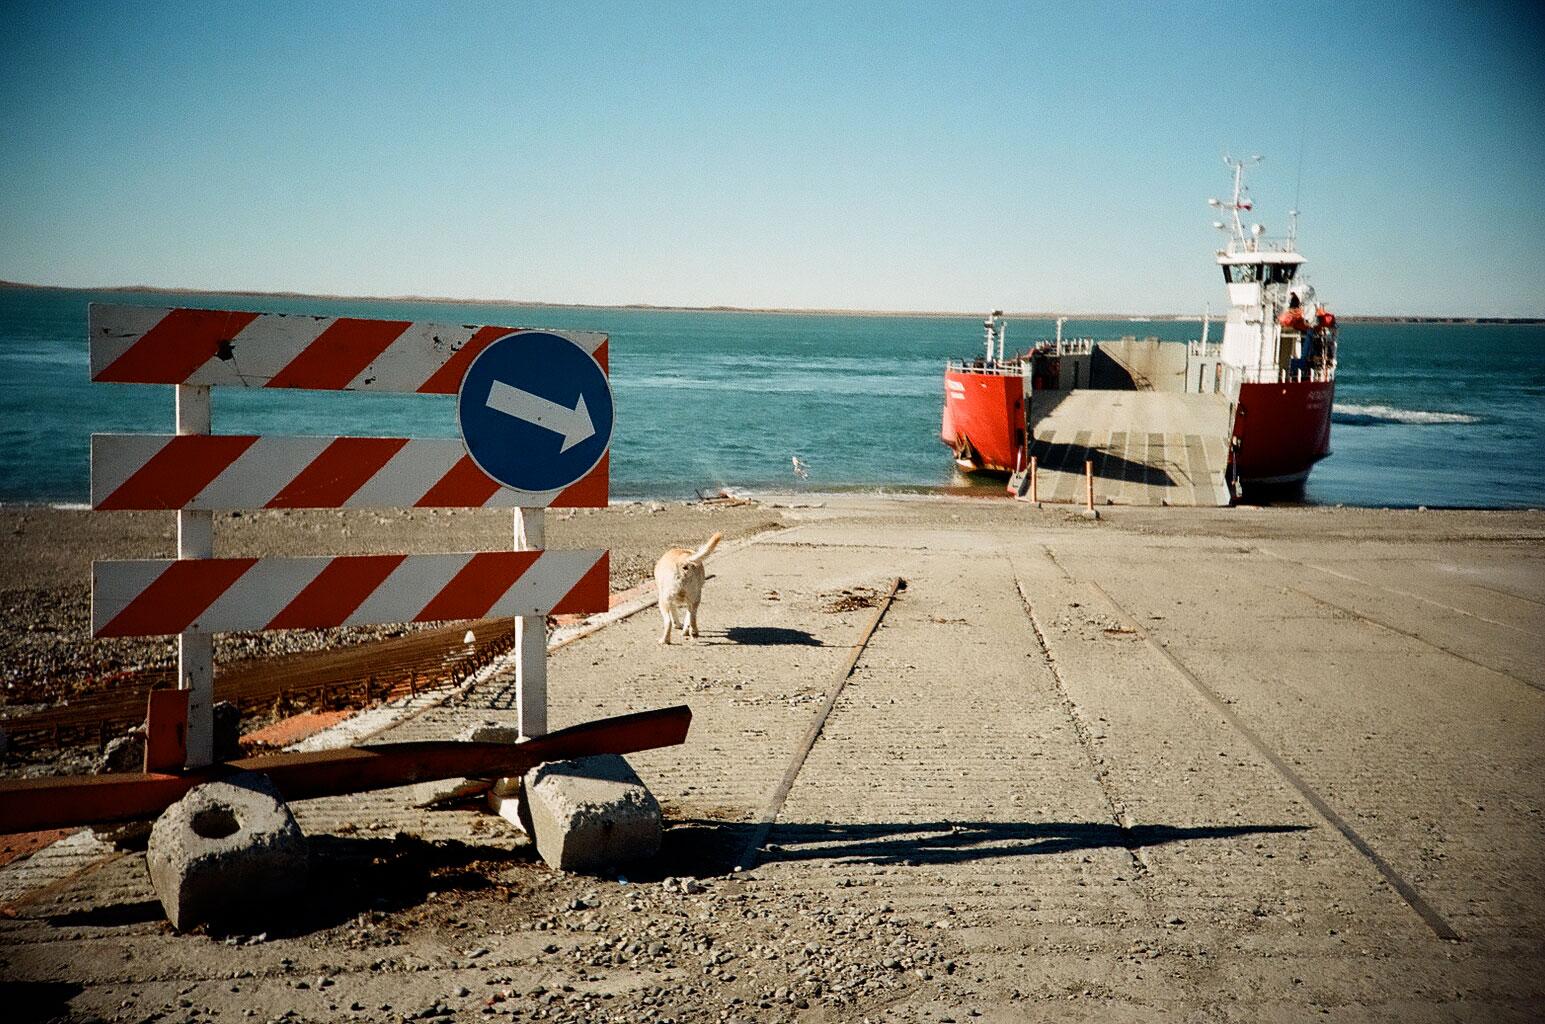 Ausflug nach Chile: Um nach Feuerland zu kommen, muss man die Grenze passieren und die Fähre vom chilenischen Punta Delgada über die Magellanstraße nach Bahía Azul nehmen. Foto: Lothar Ruttner